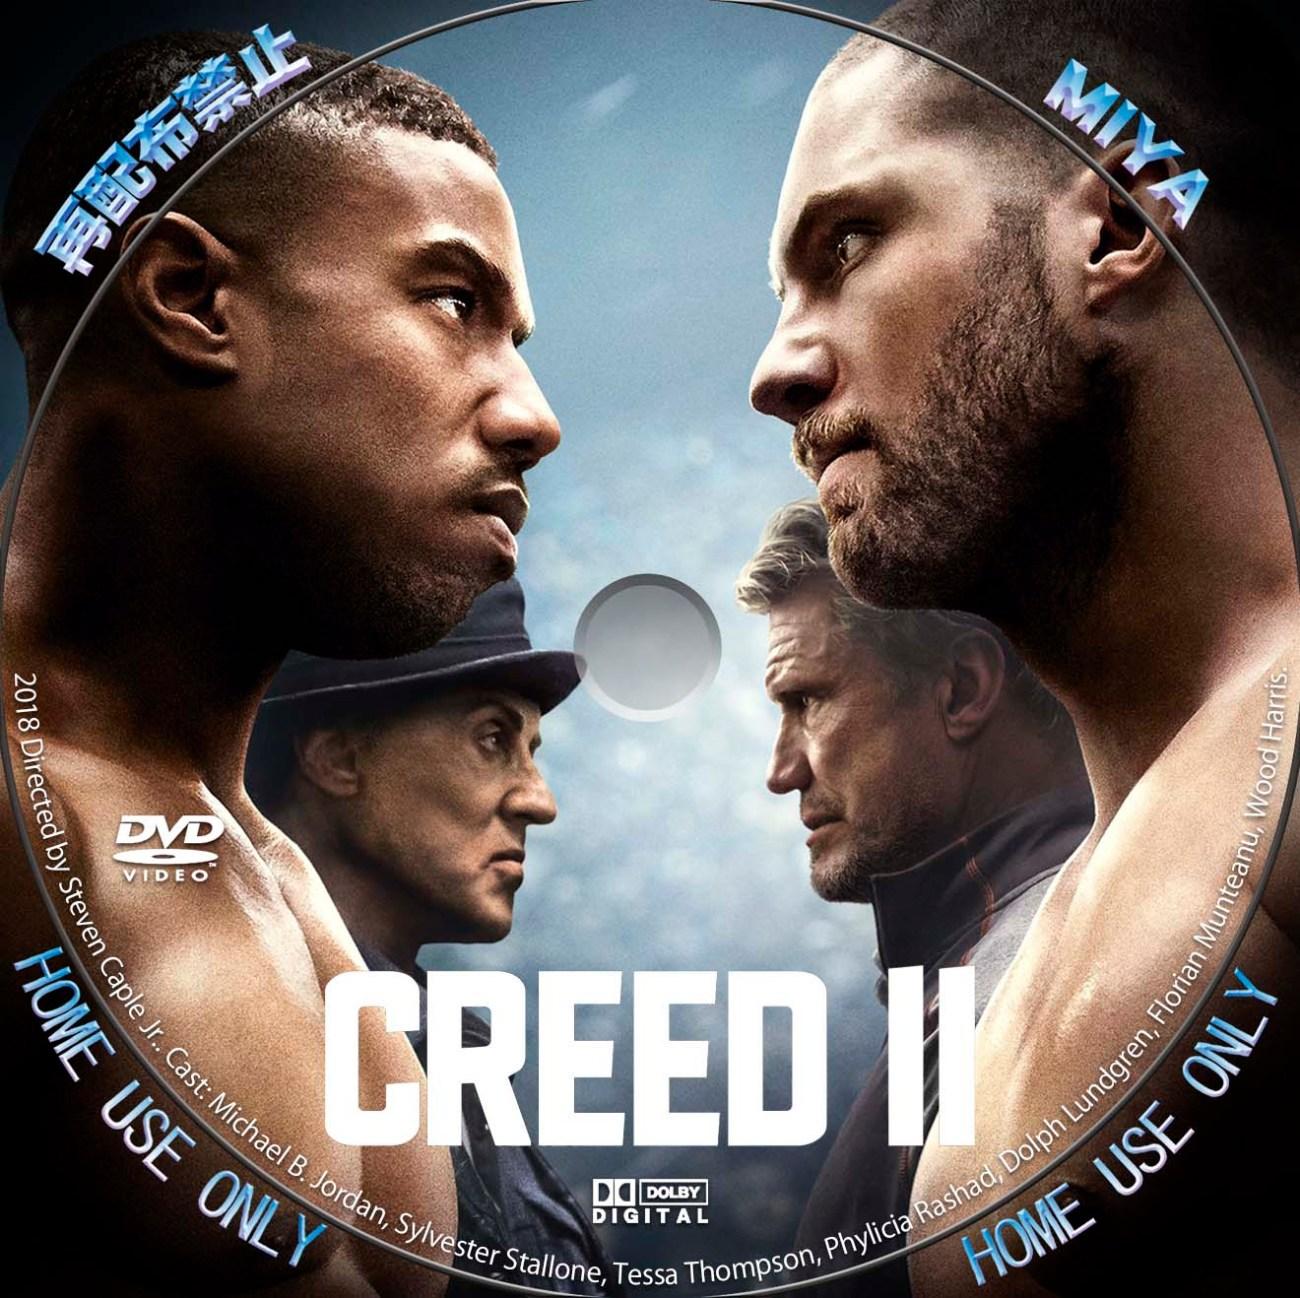 Creed II Dvd Label